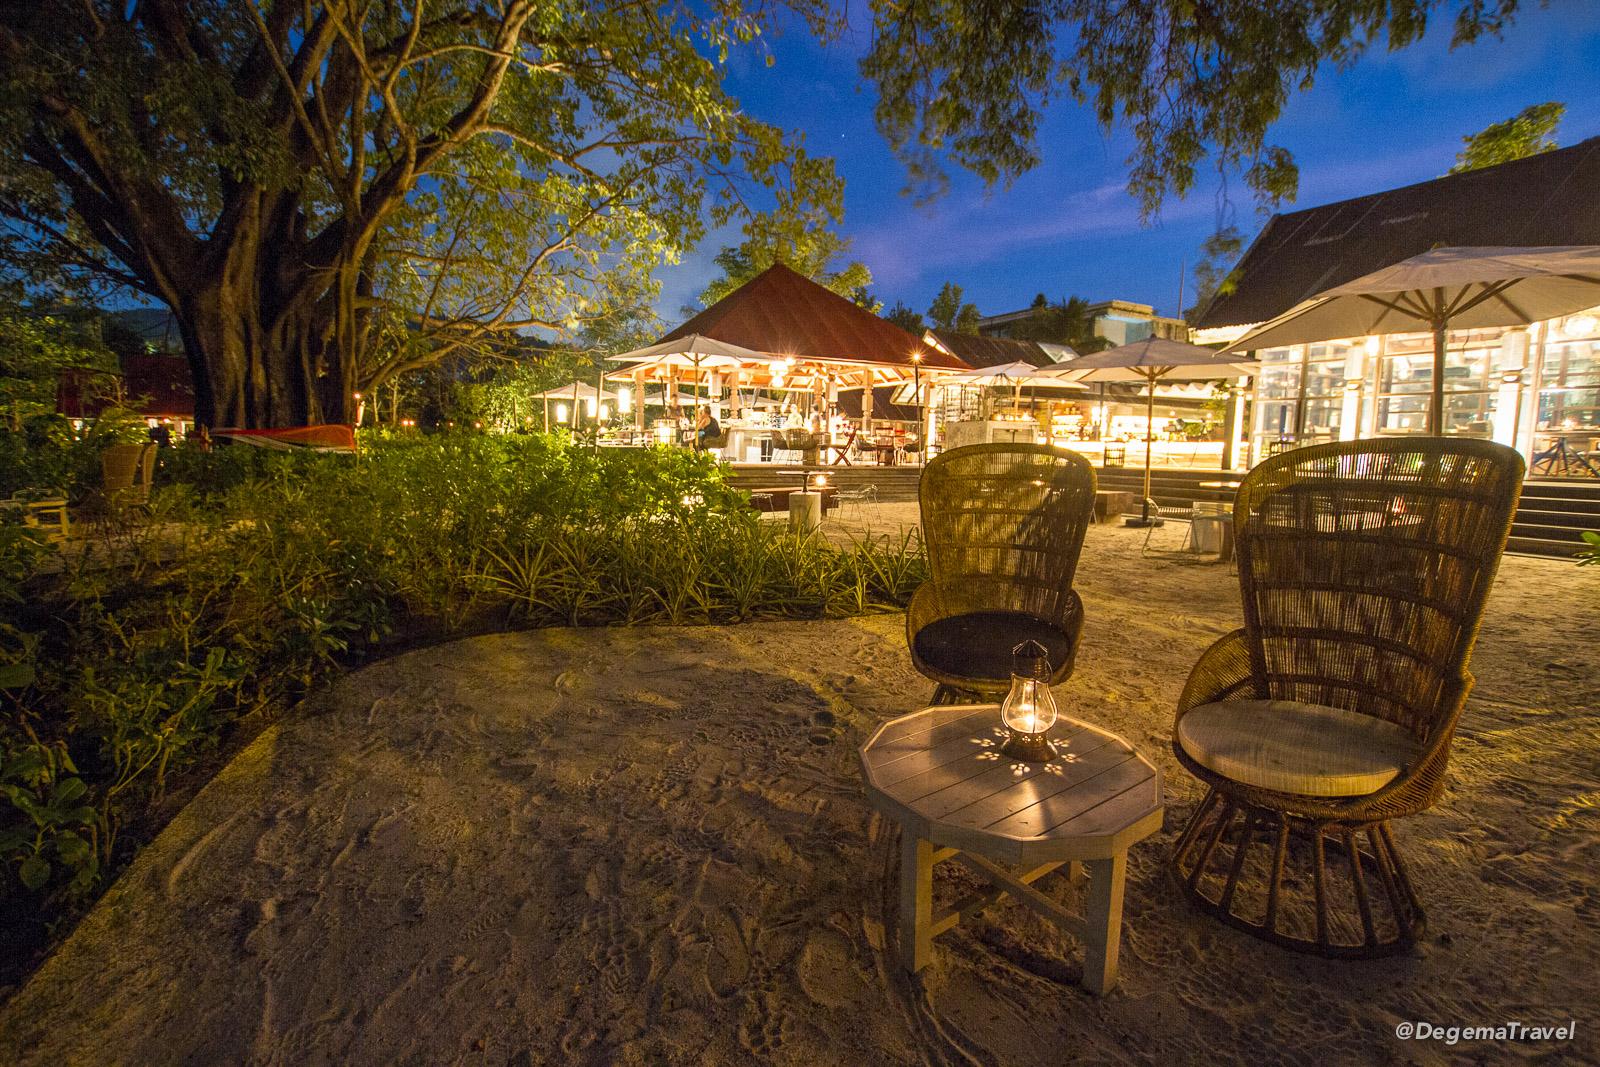 Ta Khai Restaurant near Patong in Phuket, Thailand